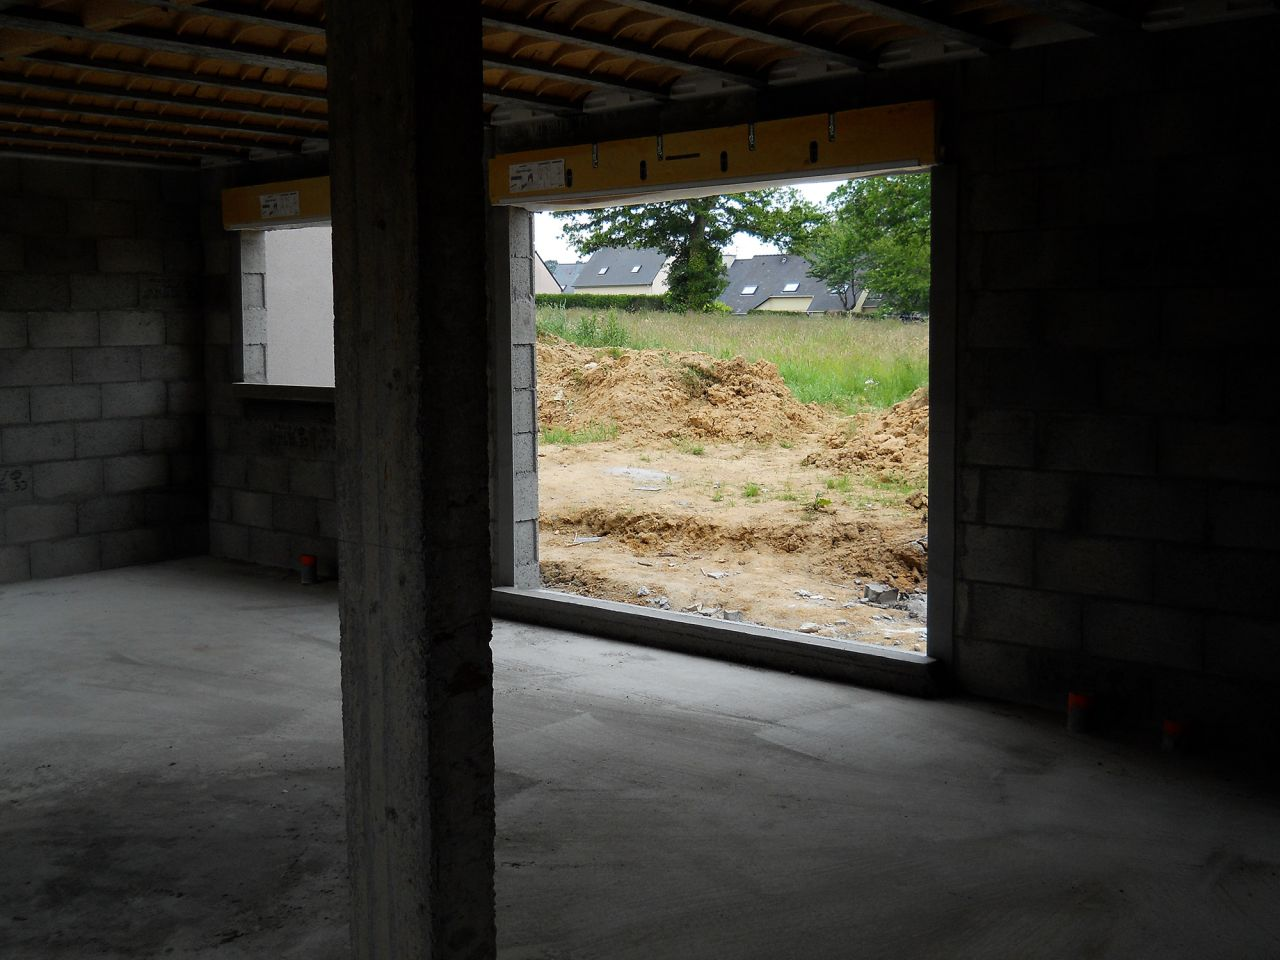 Élévation des murs et de l'étage terminé. Vue du RdC vers l'arrière de la maison, côté jardin.